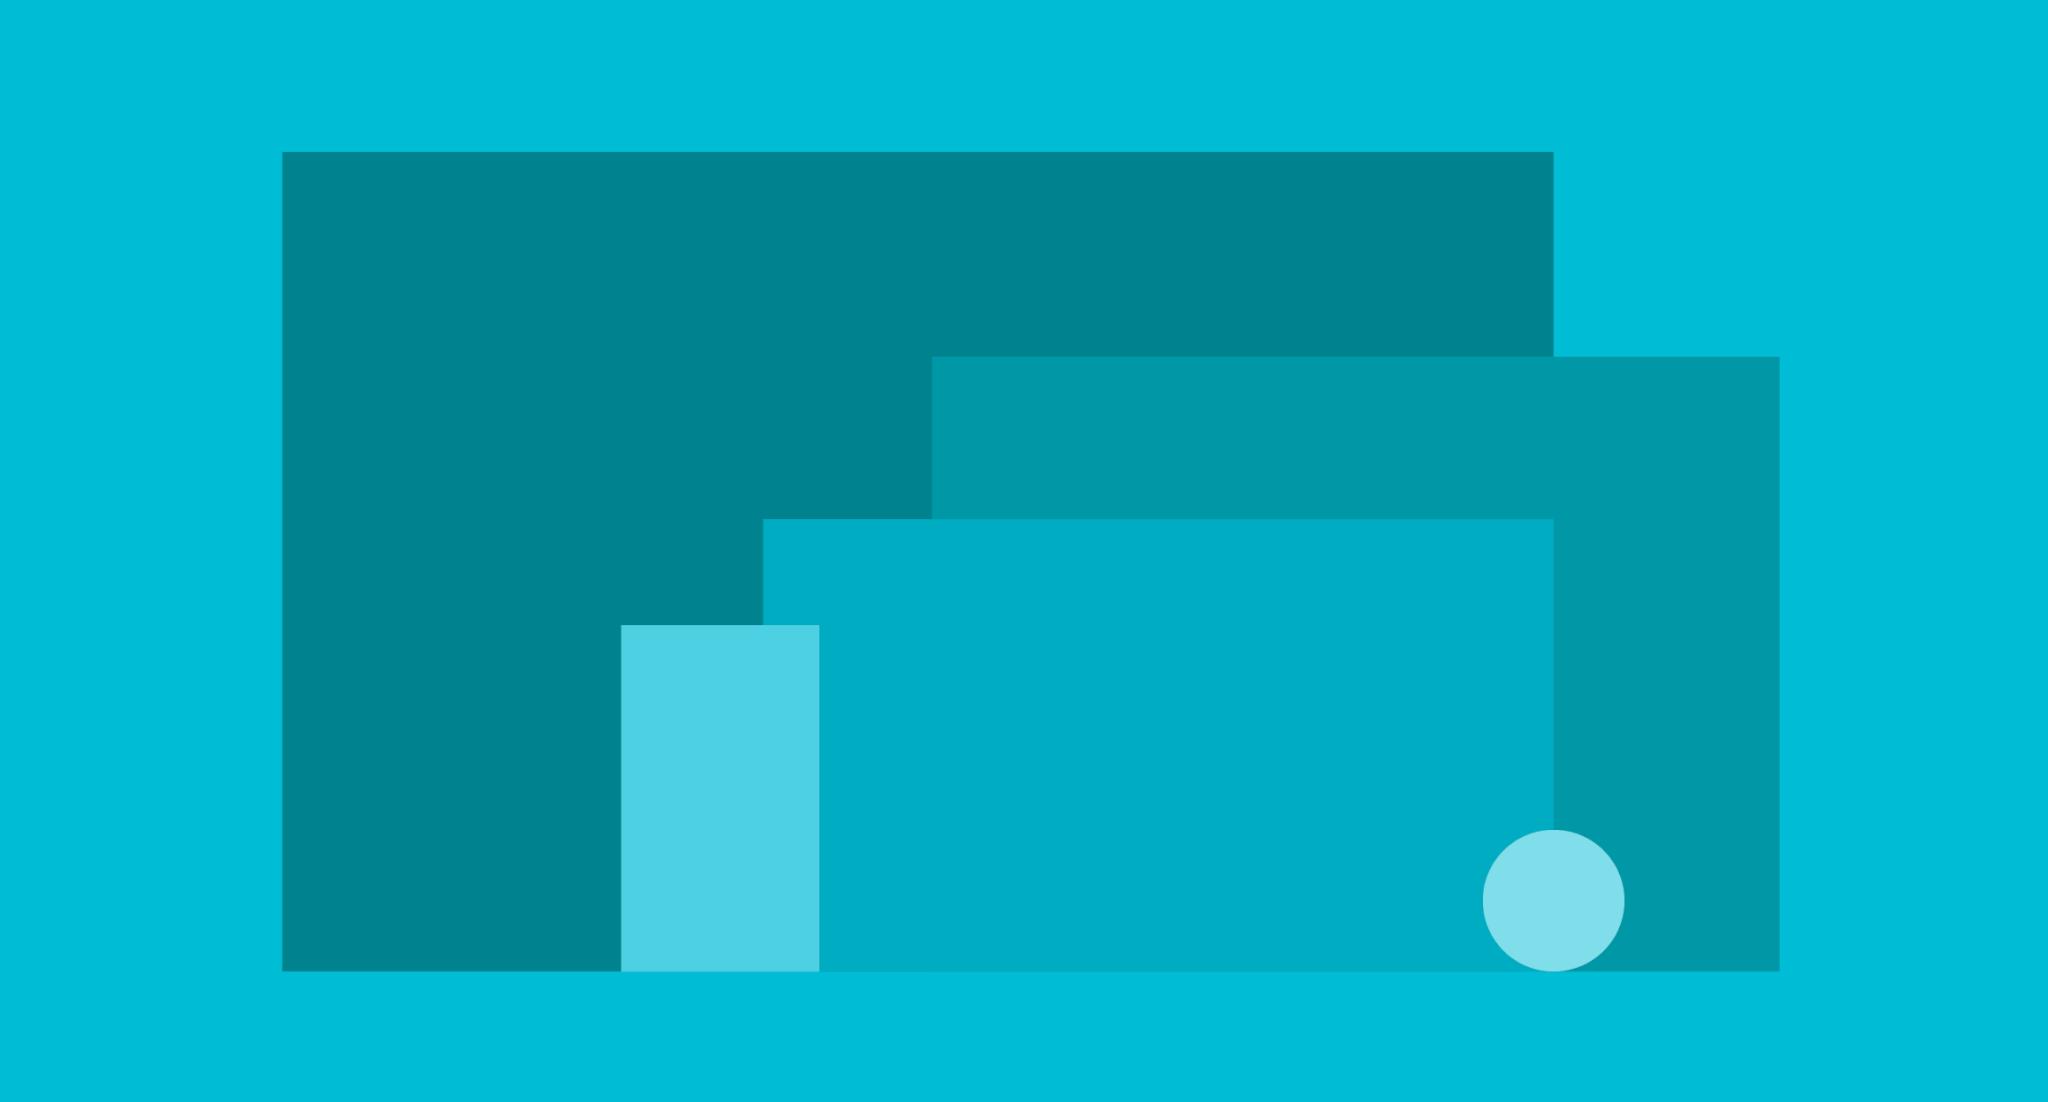 materialdesign introduction - Google cria framework para levar o Material Design para as páginas Web